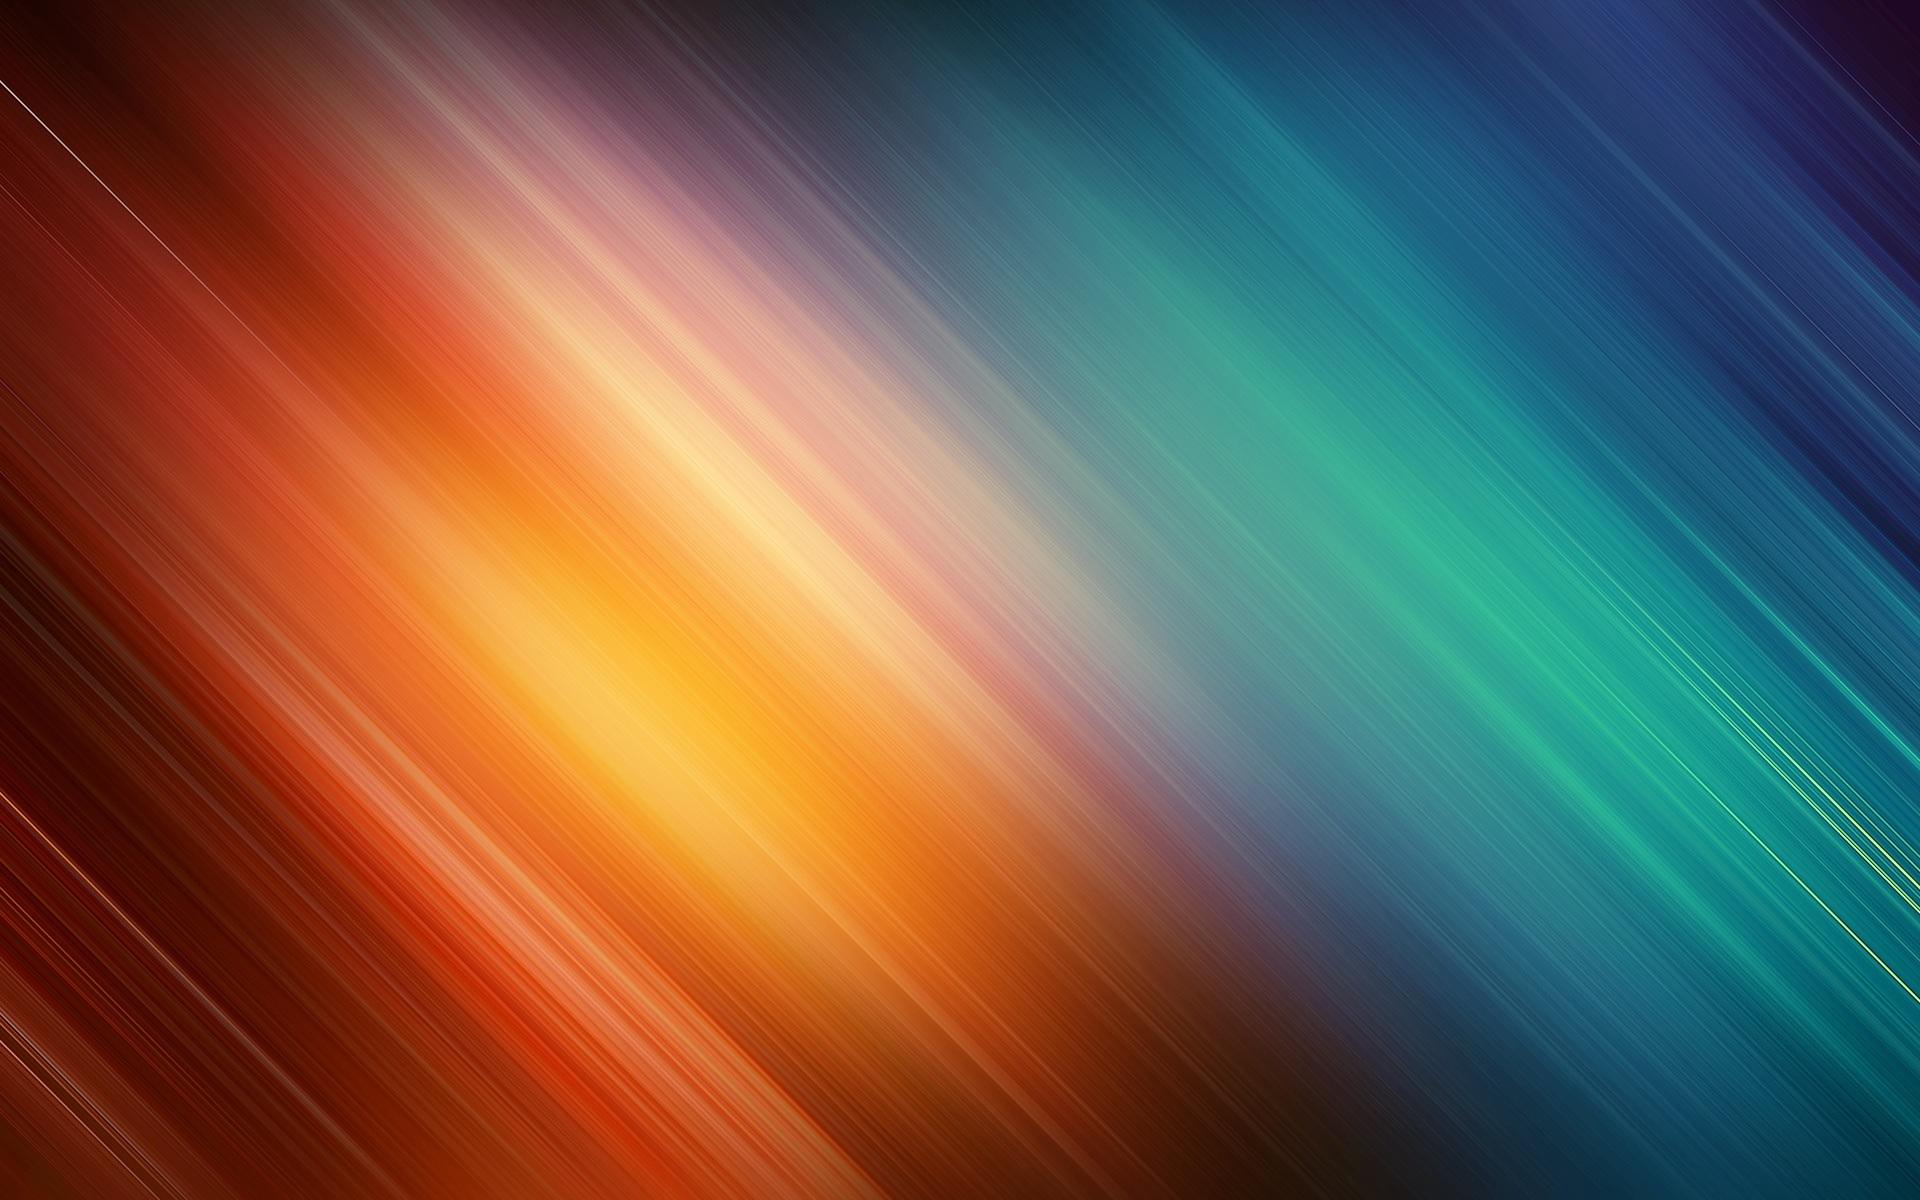 Fond sergé orange et bleu Fonds d écran